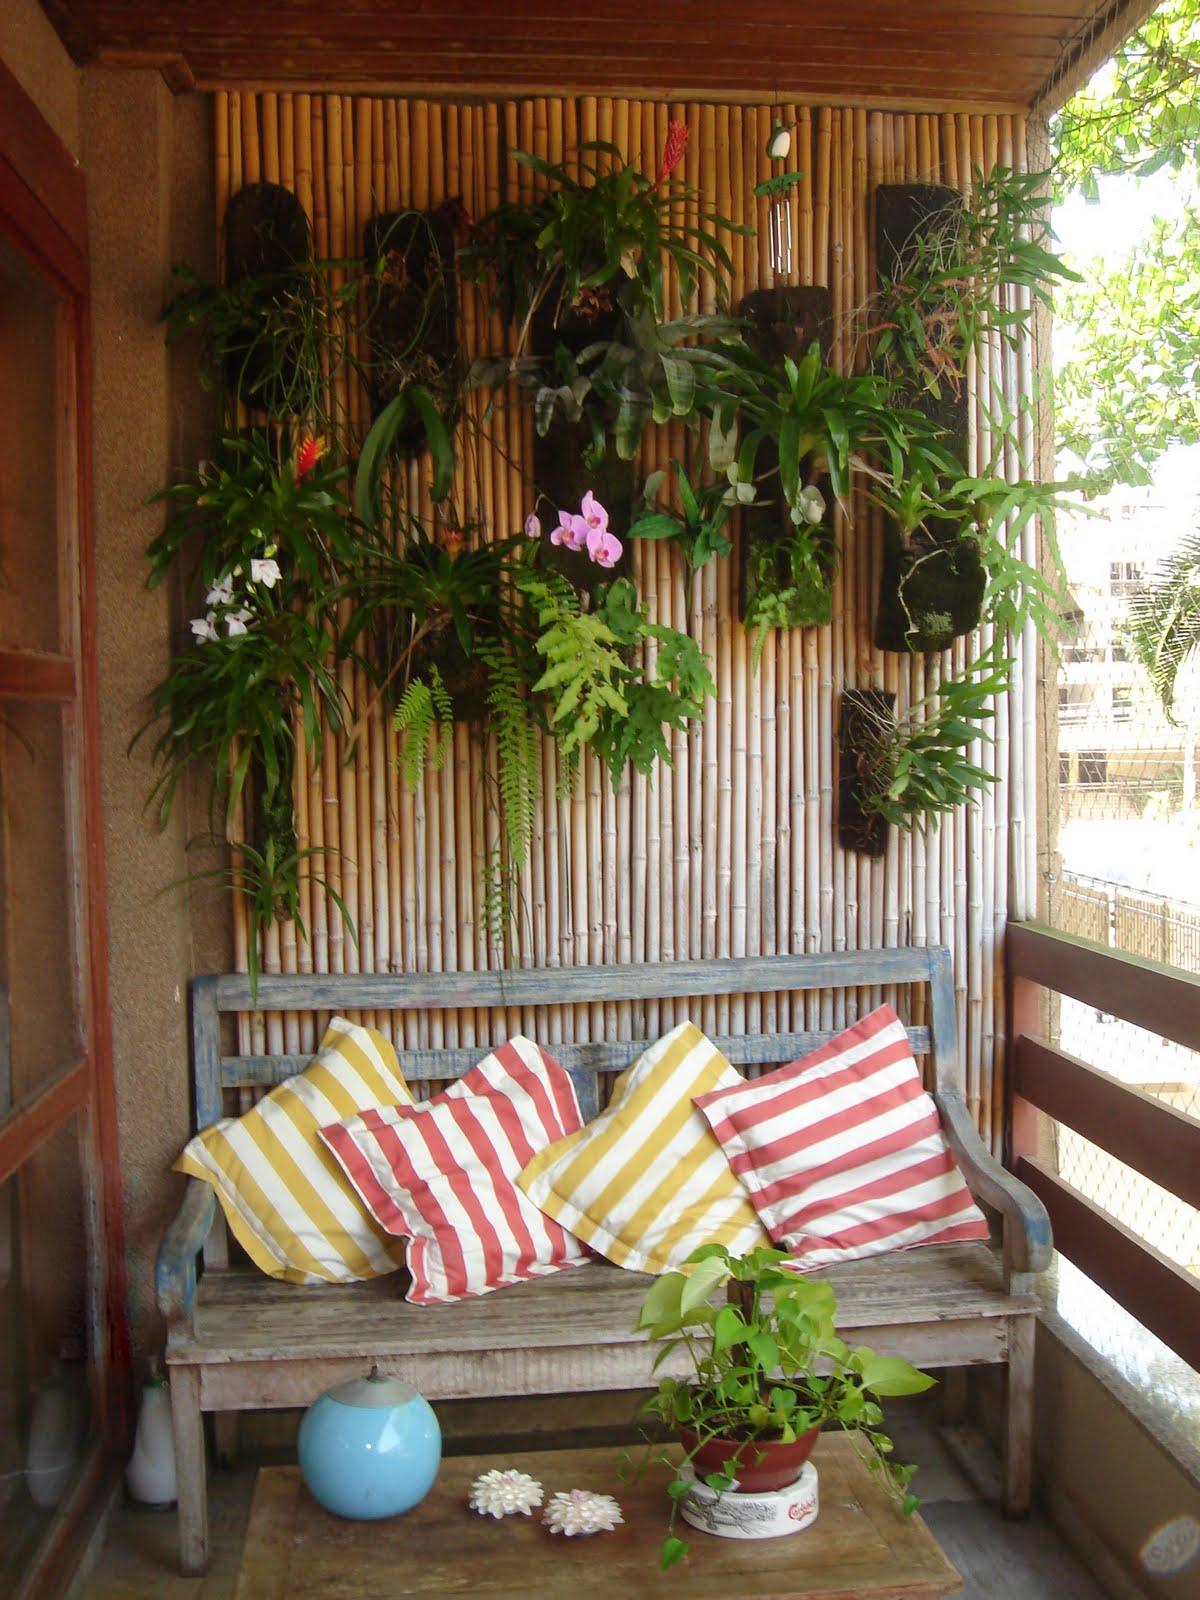 decoracao jardins e varandas:CASA MIDDAS: Decoração de Varandas de  #48611E 1200x1600